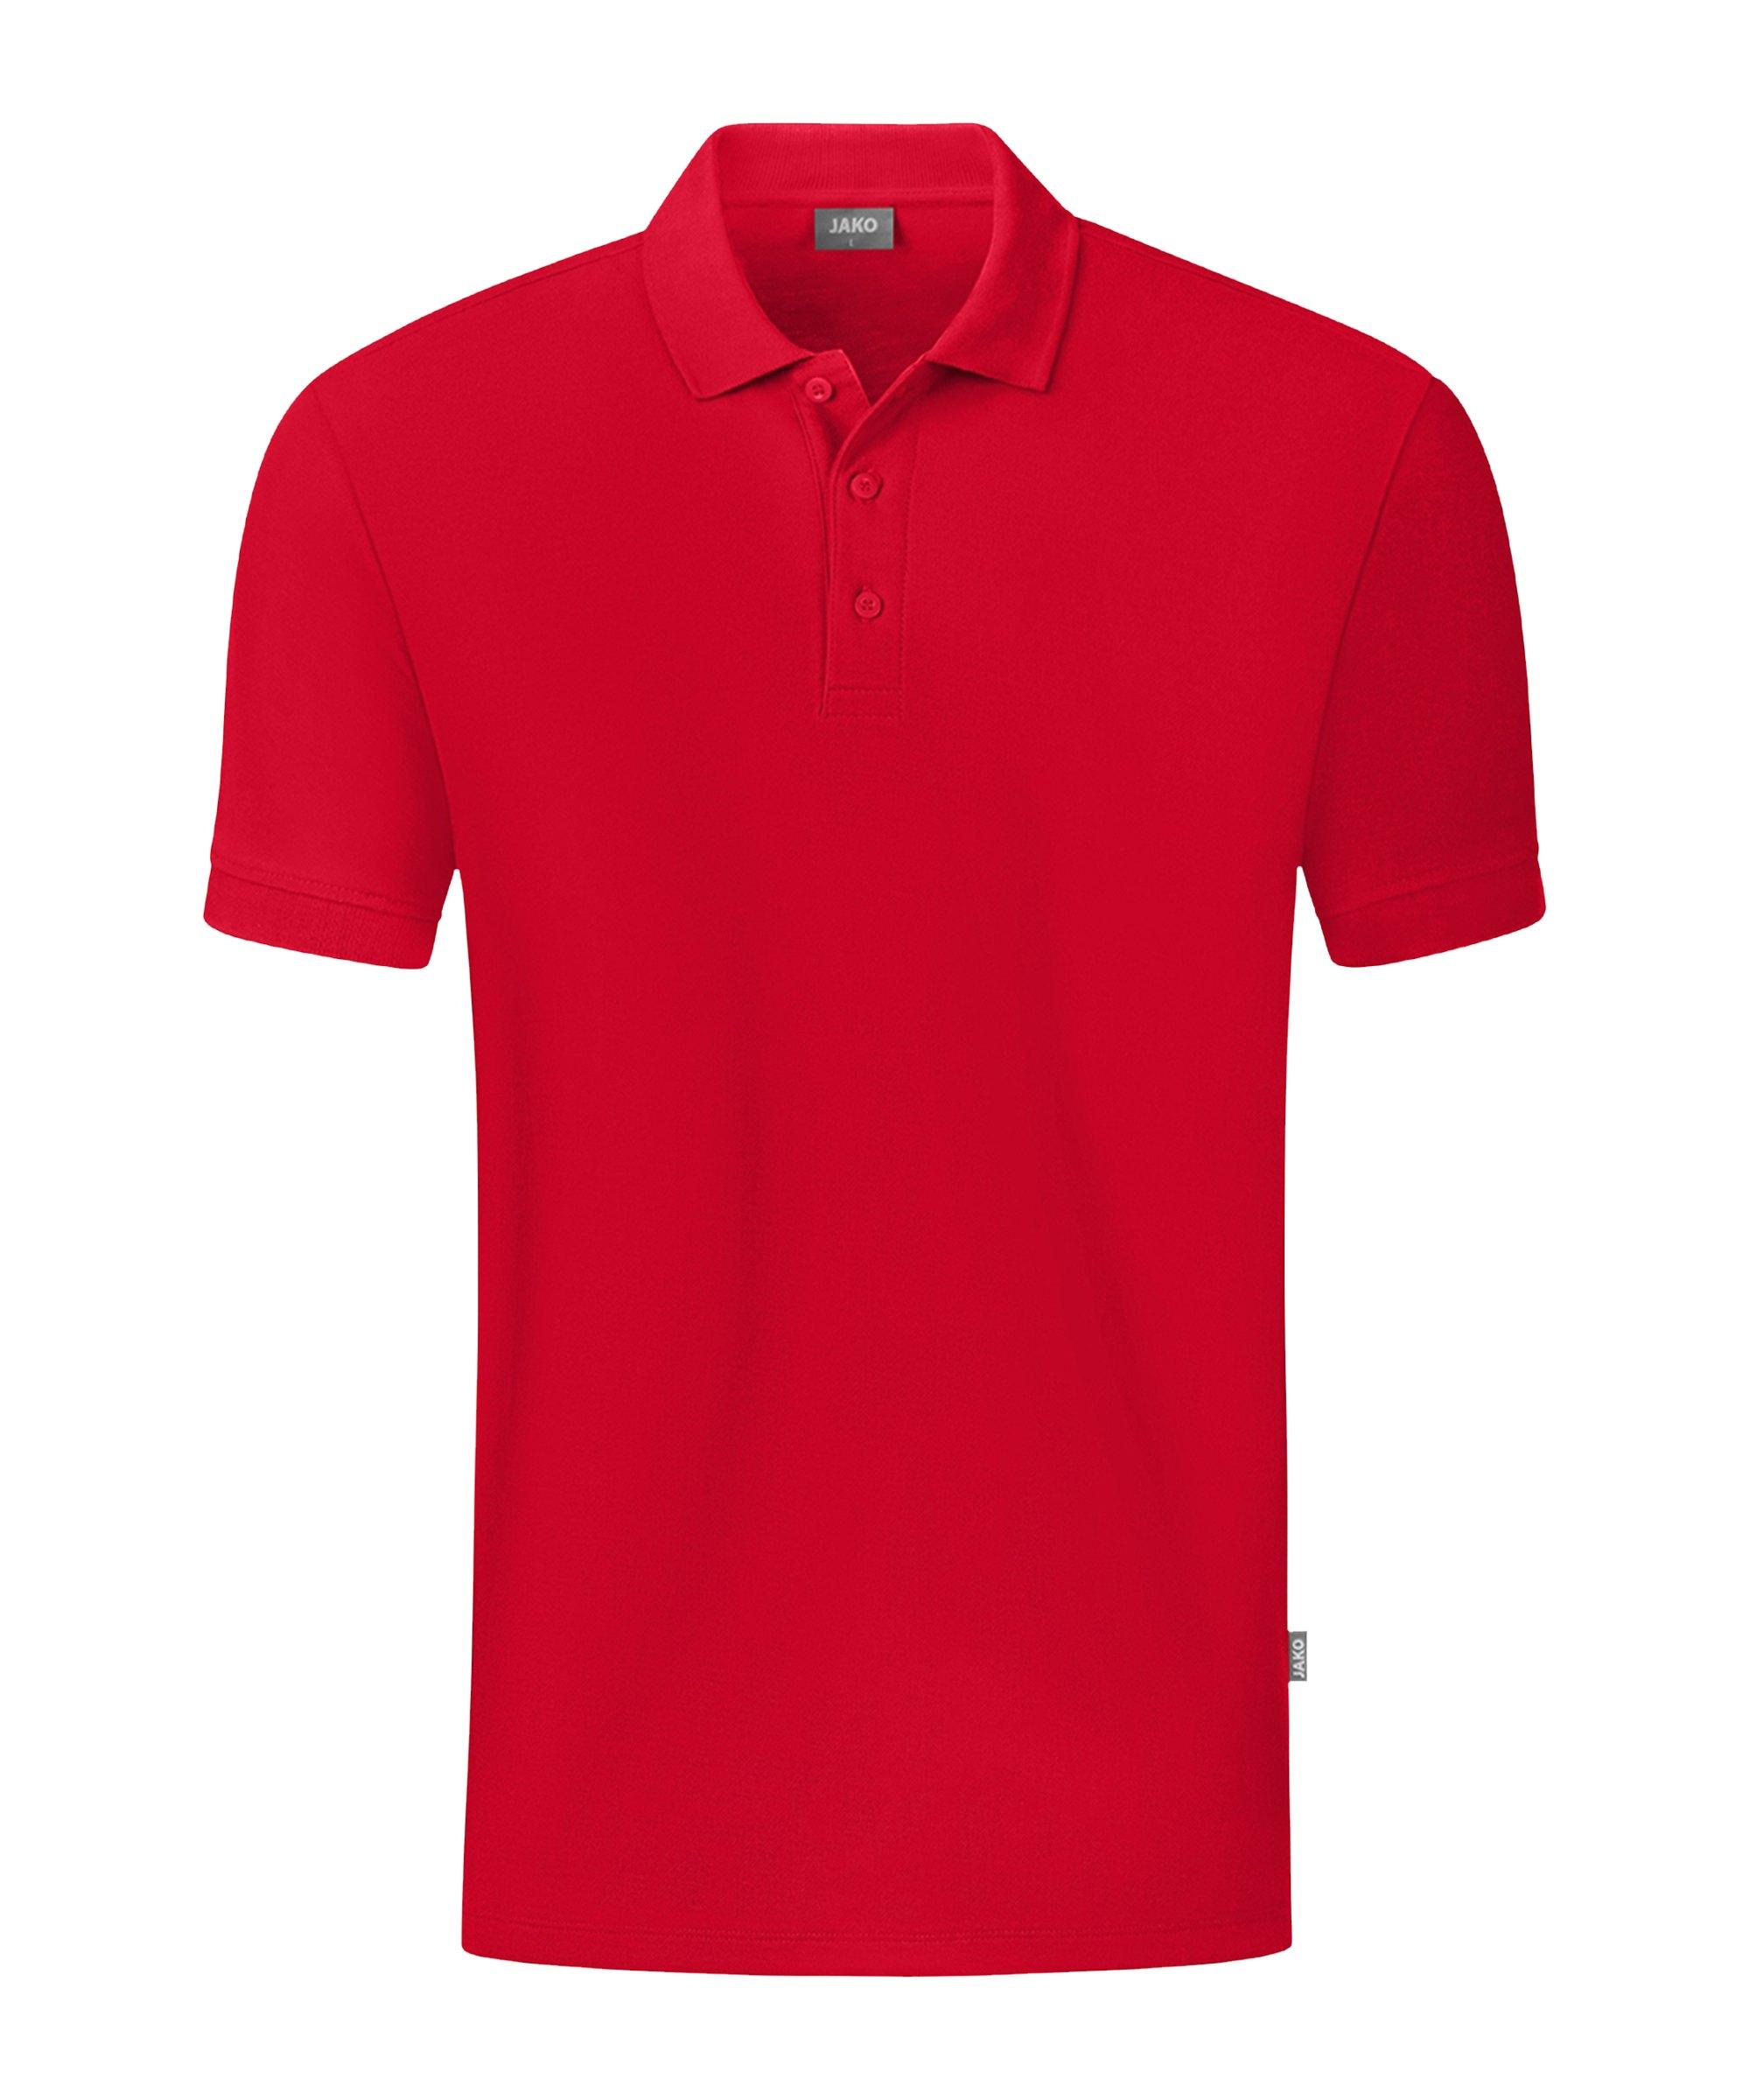 JAKO Organic Polo Shirt Rot F100 - rot